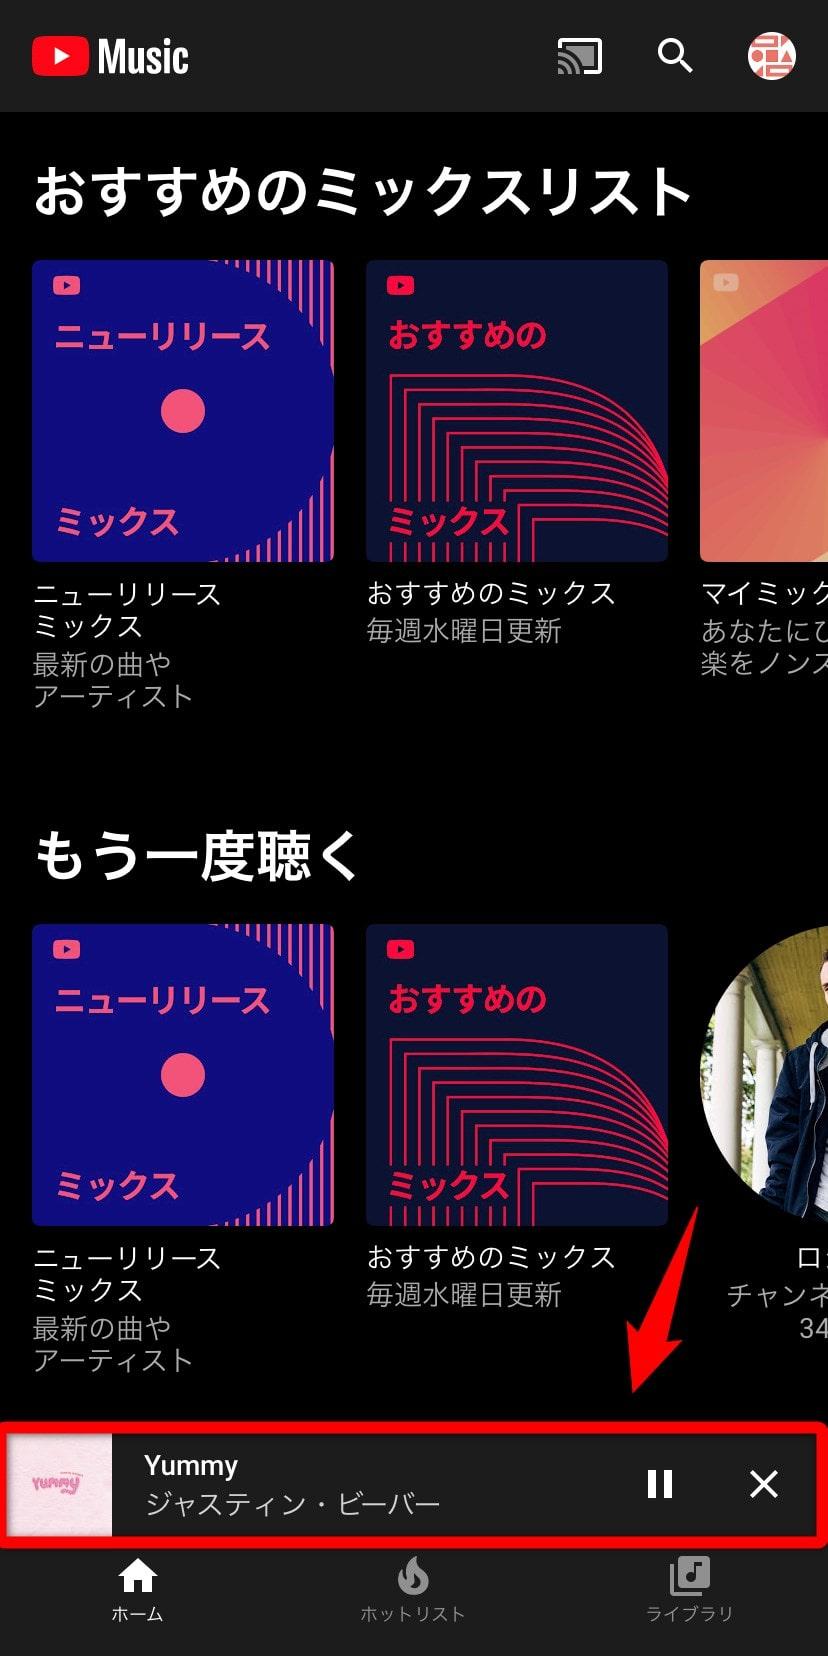 Youtube Musicの曲をAppleスマスピ「HomePod」で聴く方法とは?